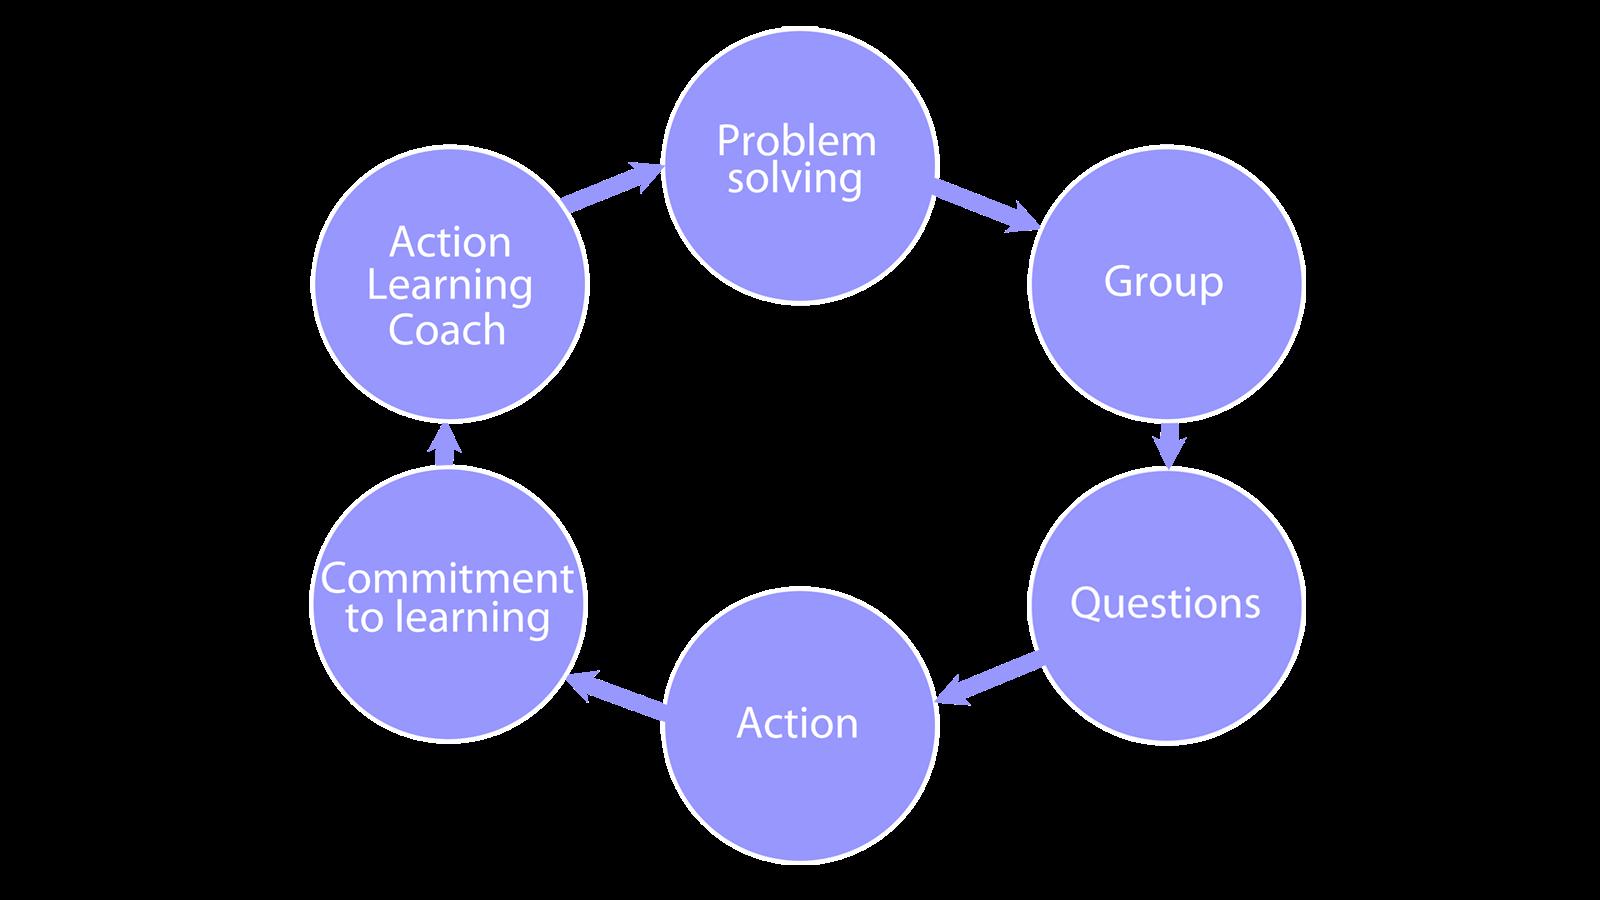 6 elementów Action Learning składa się z: rozwiązywania problemów, zespołu, pytań, działania, zaangażowania w uczenie się, Coacha Action Learning